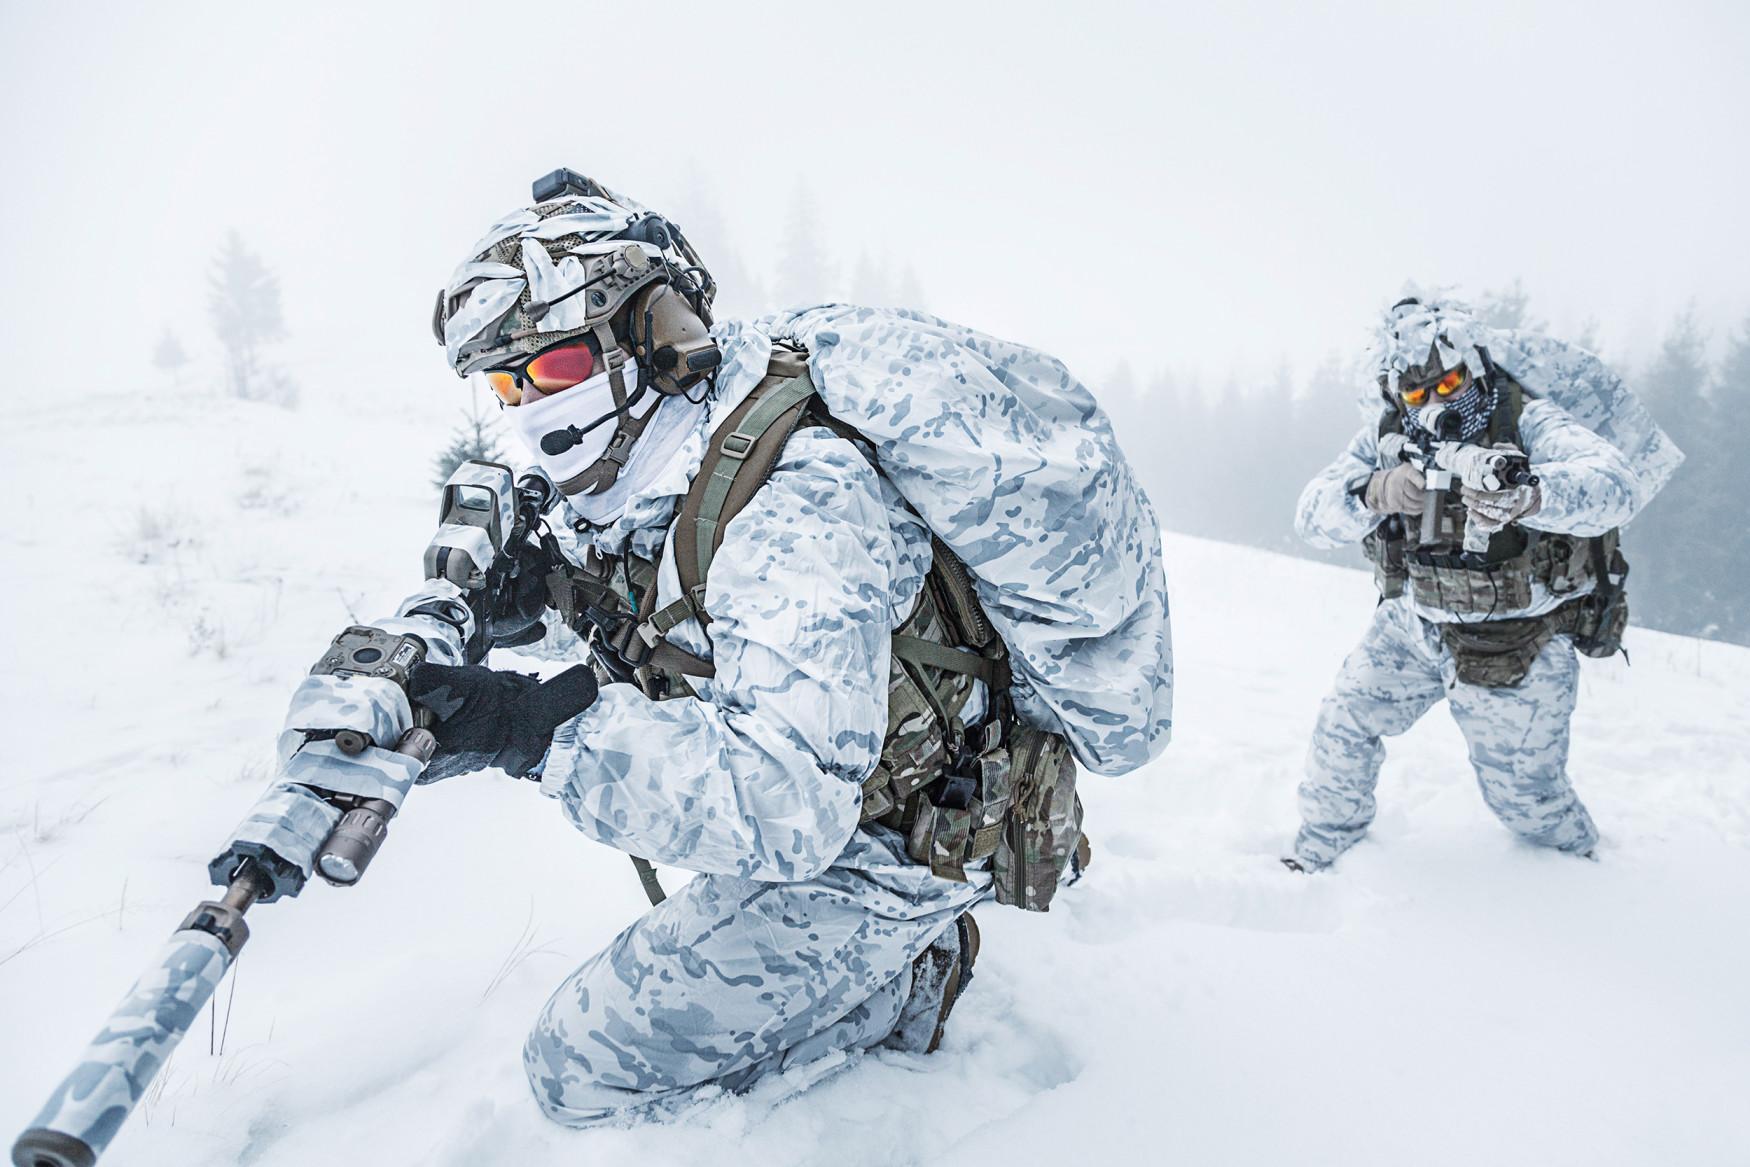 Wenn sich die Elemente im Winter von ihrer rauheren Seite zeigen, ist die Zeit des R-8 GTX THERMO gekommen. Das warme Wintermodell ist abgestimmt auf den Einsatz in winterlichem und unwegsamen Terrain und fühlt sich an kühlen Wintertagen erst richtig wohl. Die Fütterung mit Primaloft®-400-Material hält die Füße warm, während die Laufsohle mit Vibram®-Arctic-Grip-Technologie und speziell auf niedrige Temperaturen abgestimmter Gummimischung den nötigen Halt gibt. Optimales Fußklima auch bei erhöhter Aktivität garantiert das Futter mit GORE-TEX-Membran. Bei aller Funktionalität bleibt der R-8 GTX THERMO dabei aber leicht im Gewicht und überzeugt mit überragendem Komfort.